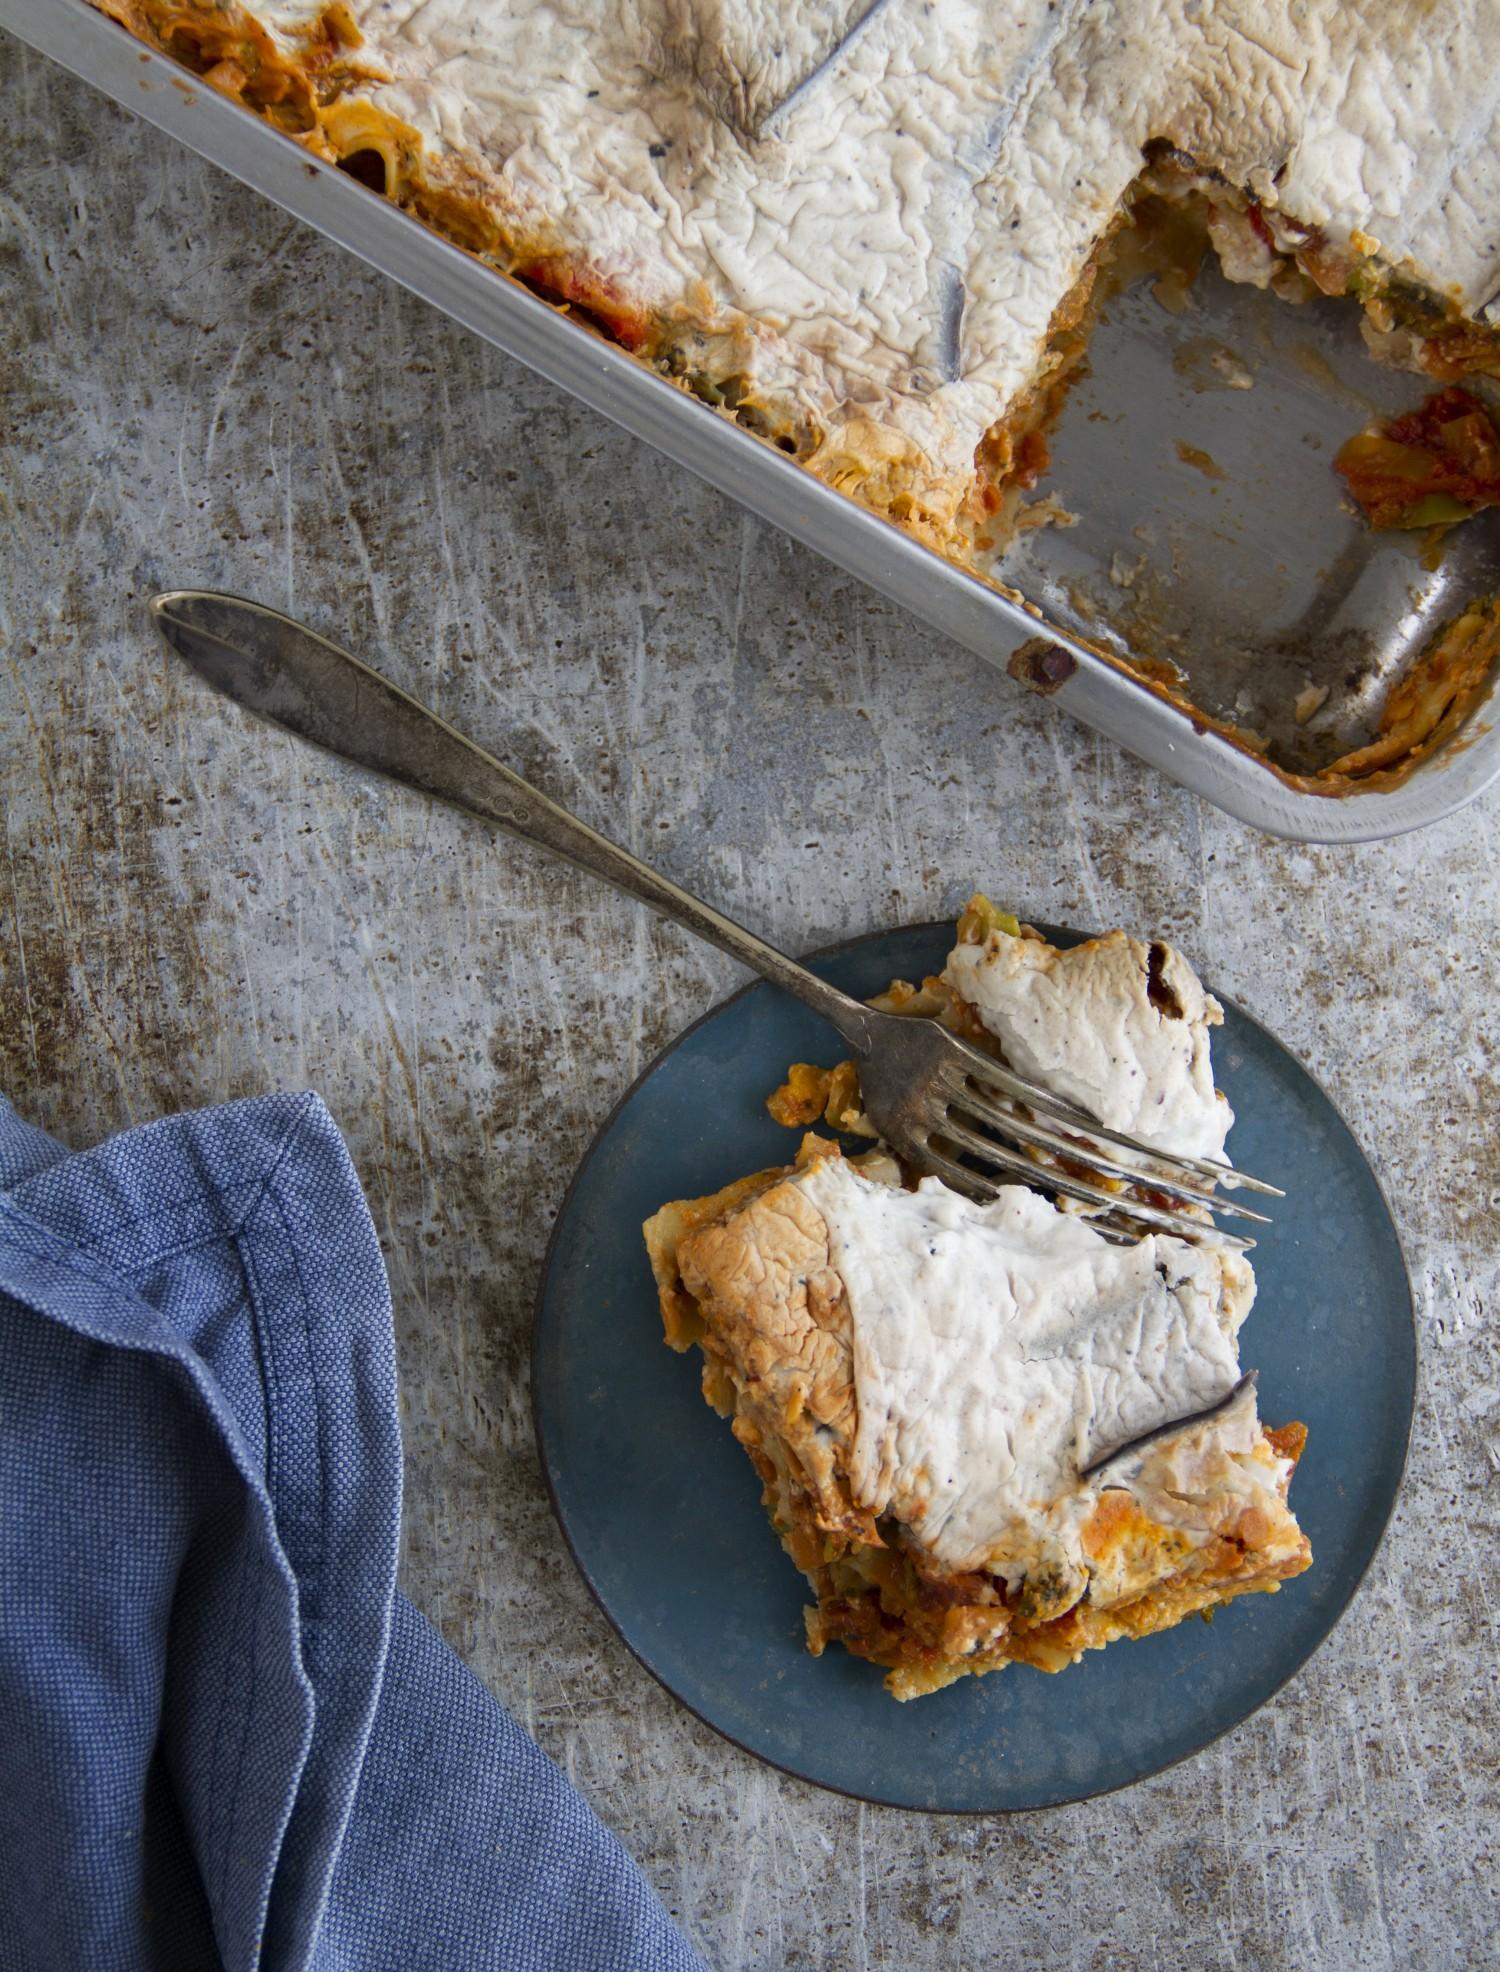 vegansk-og-glutenfri-lasagne-vind-vegansk-for-alle-cathrineyoga-dk